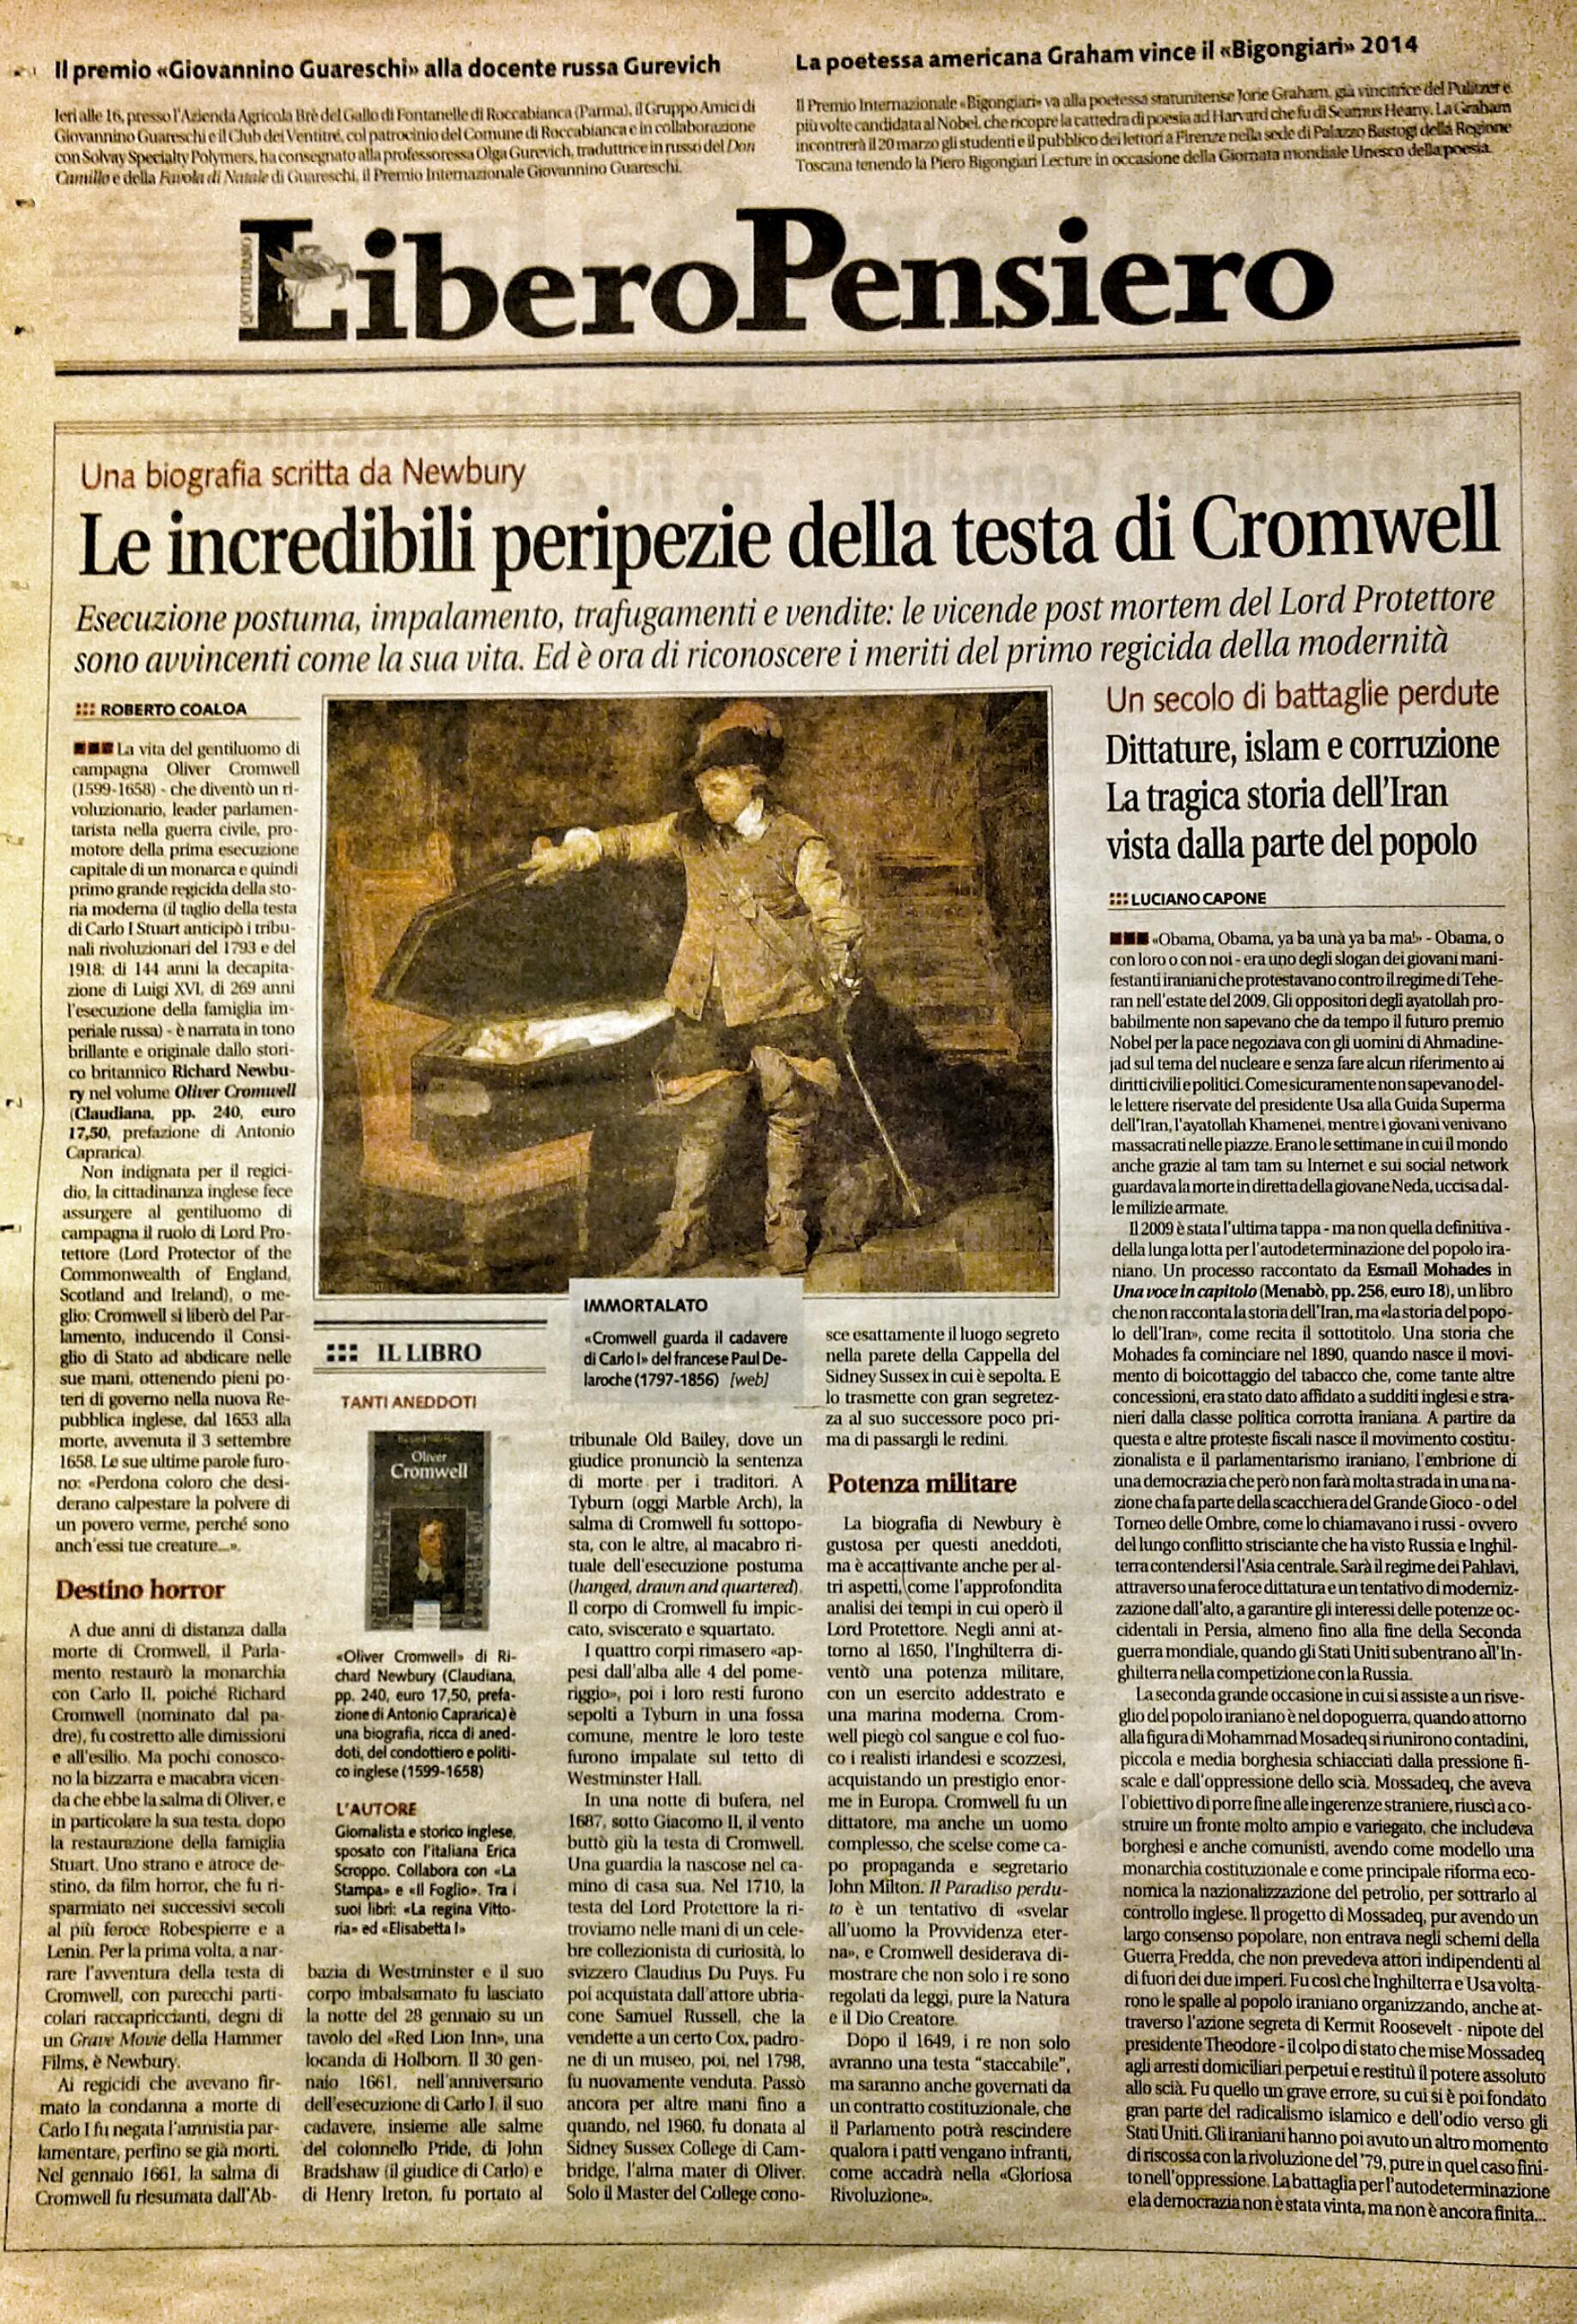 Articolo di Roberto Coaloa, dal quotidiano Libero. Domenica 19 gennaio 2014. Recensione alla biografia di Richard Newbury su Oliver Cromwell.